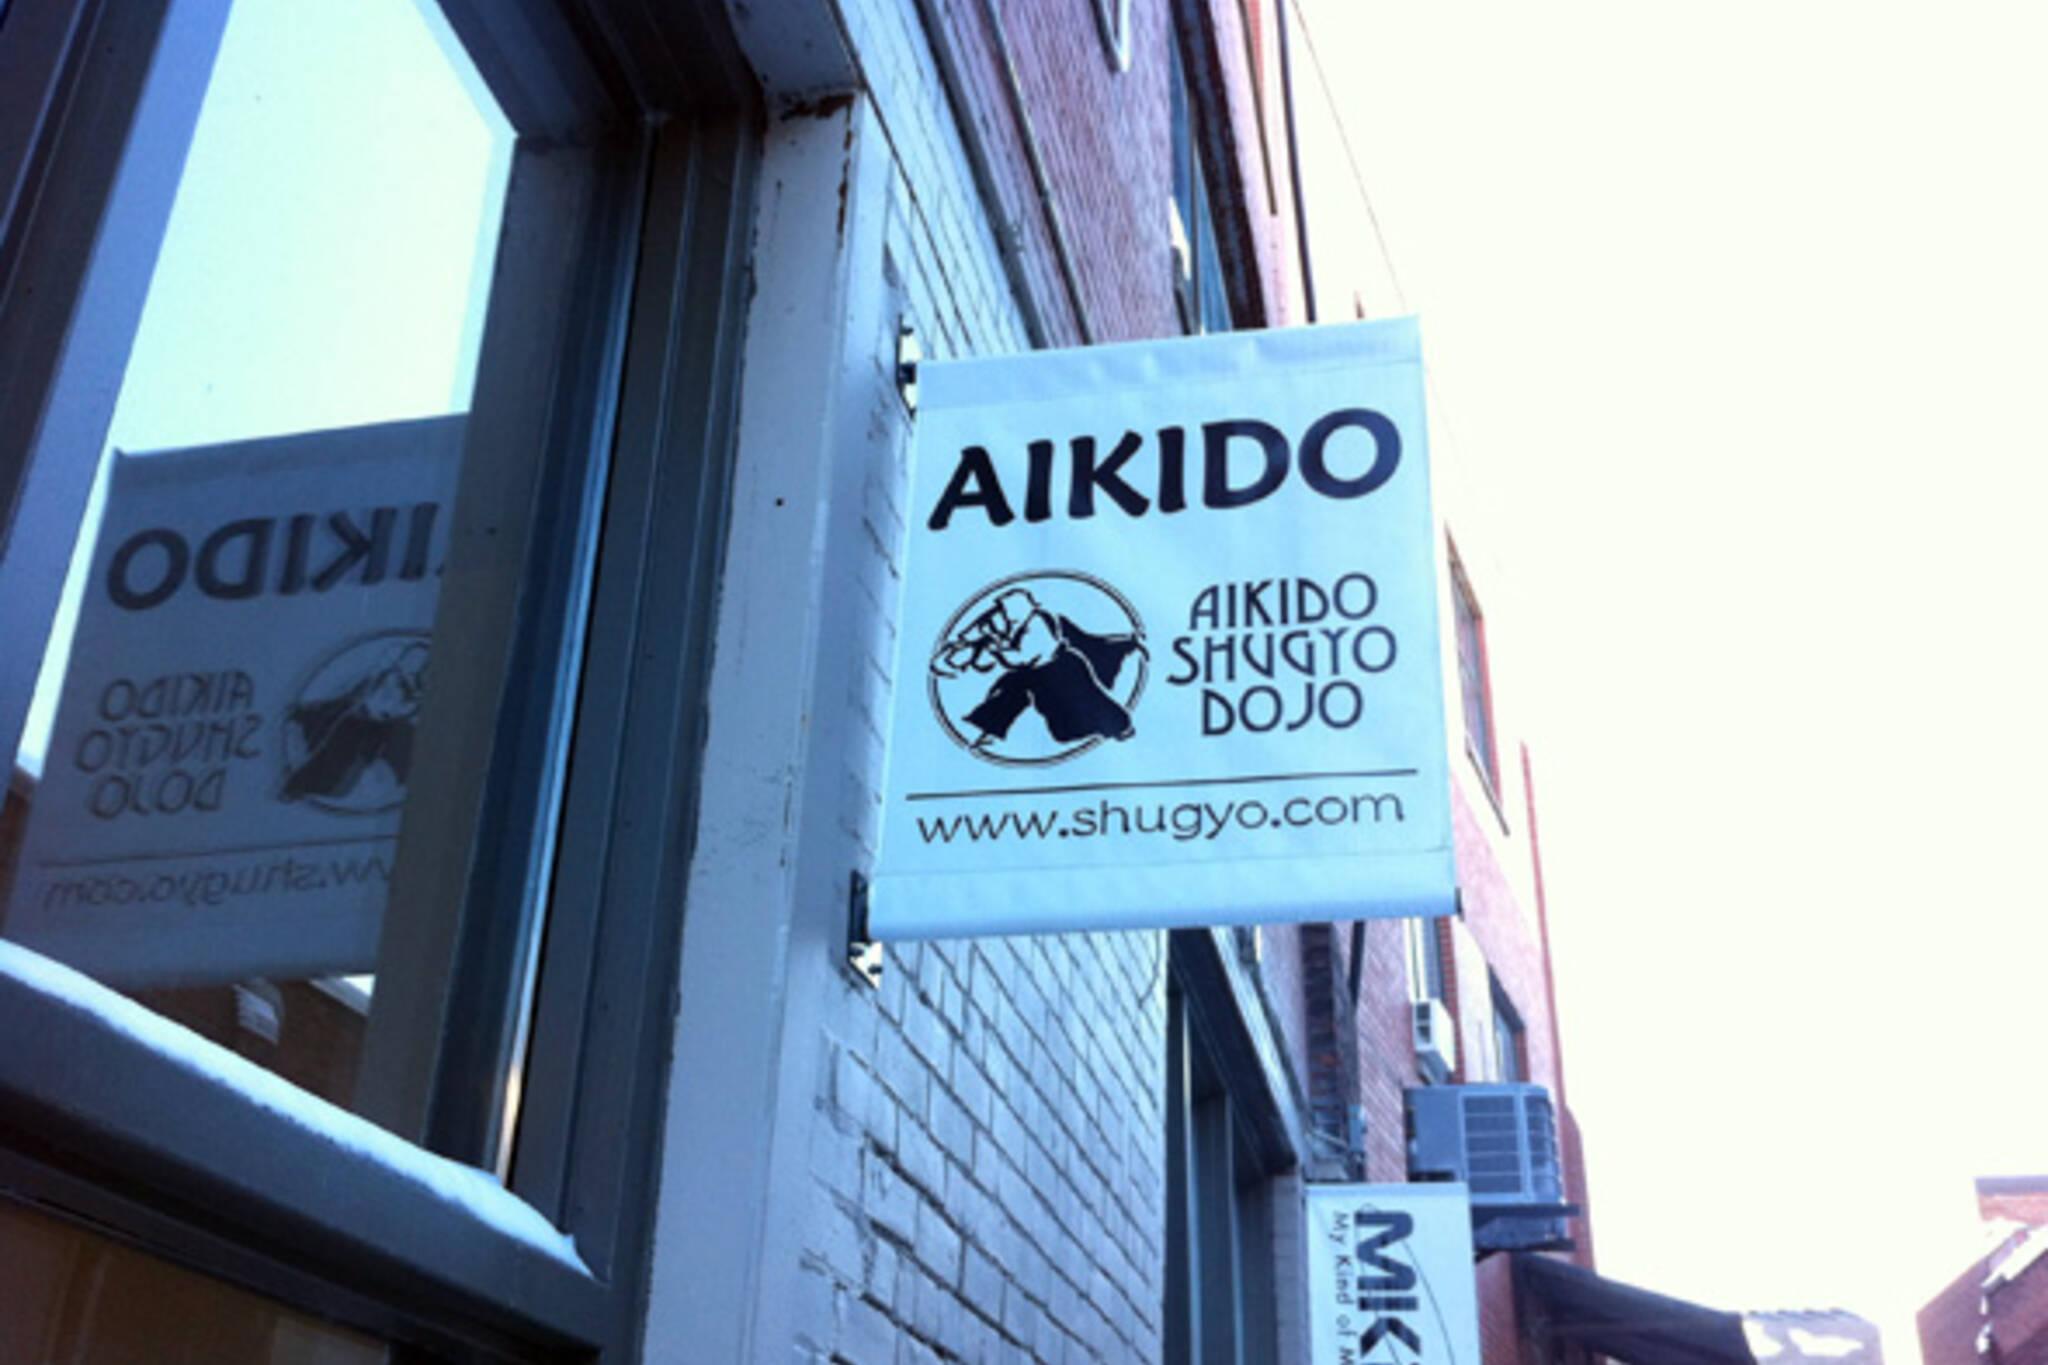 Aikido Shugyo Dojo